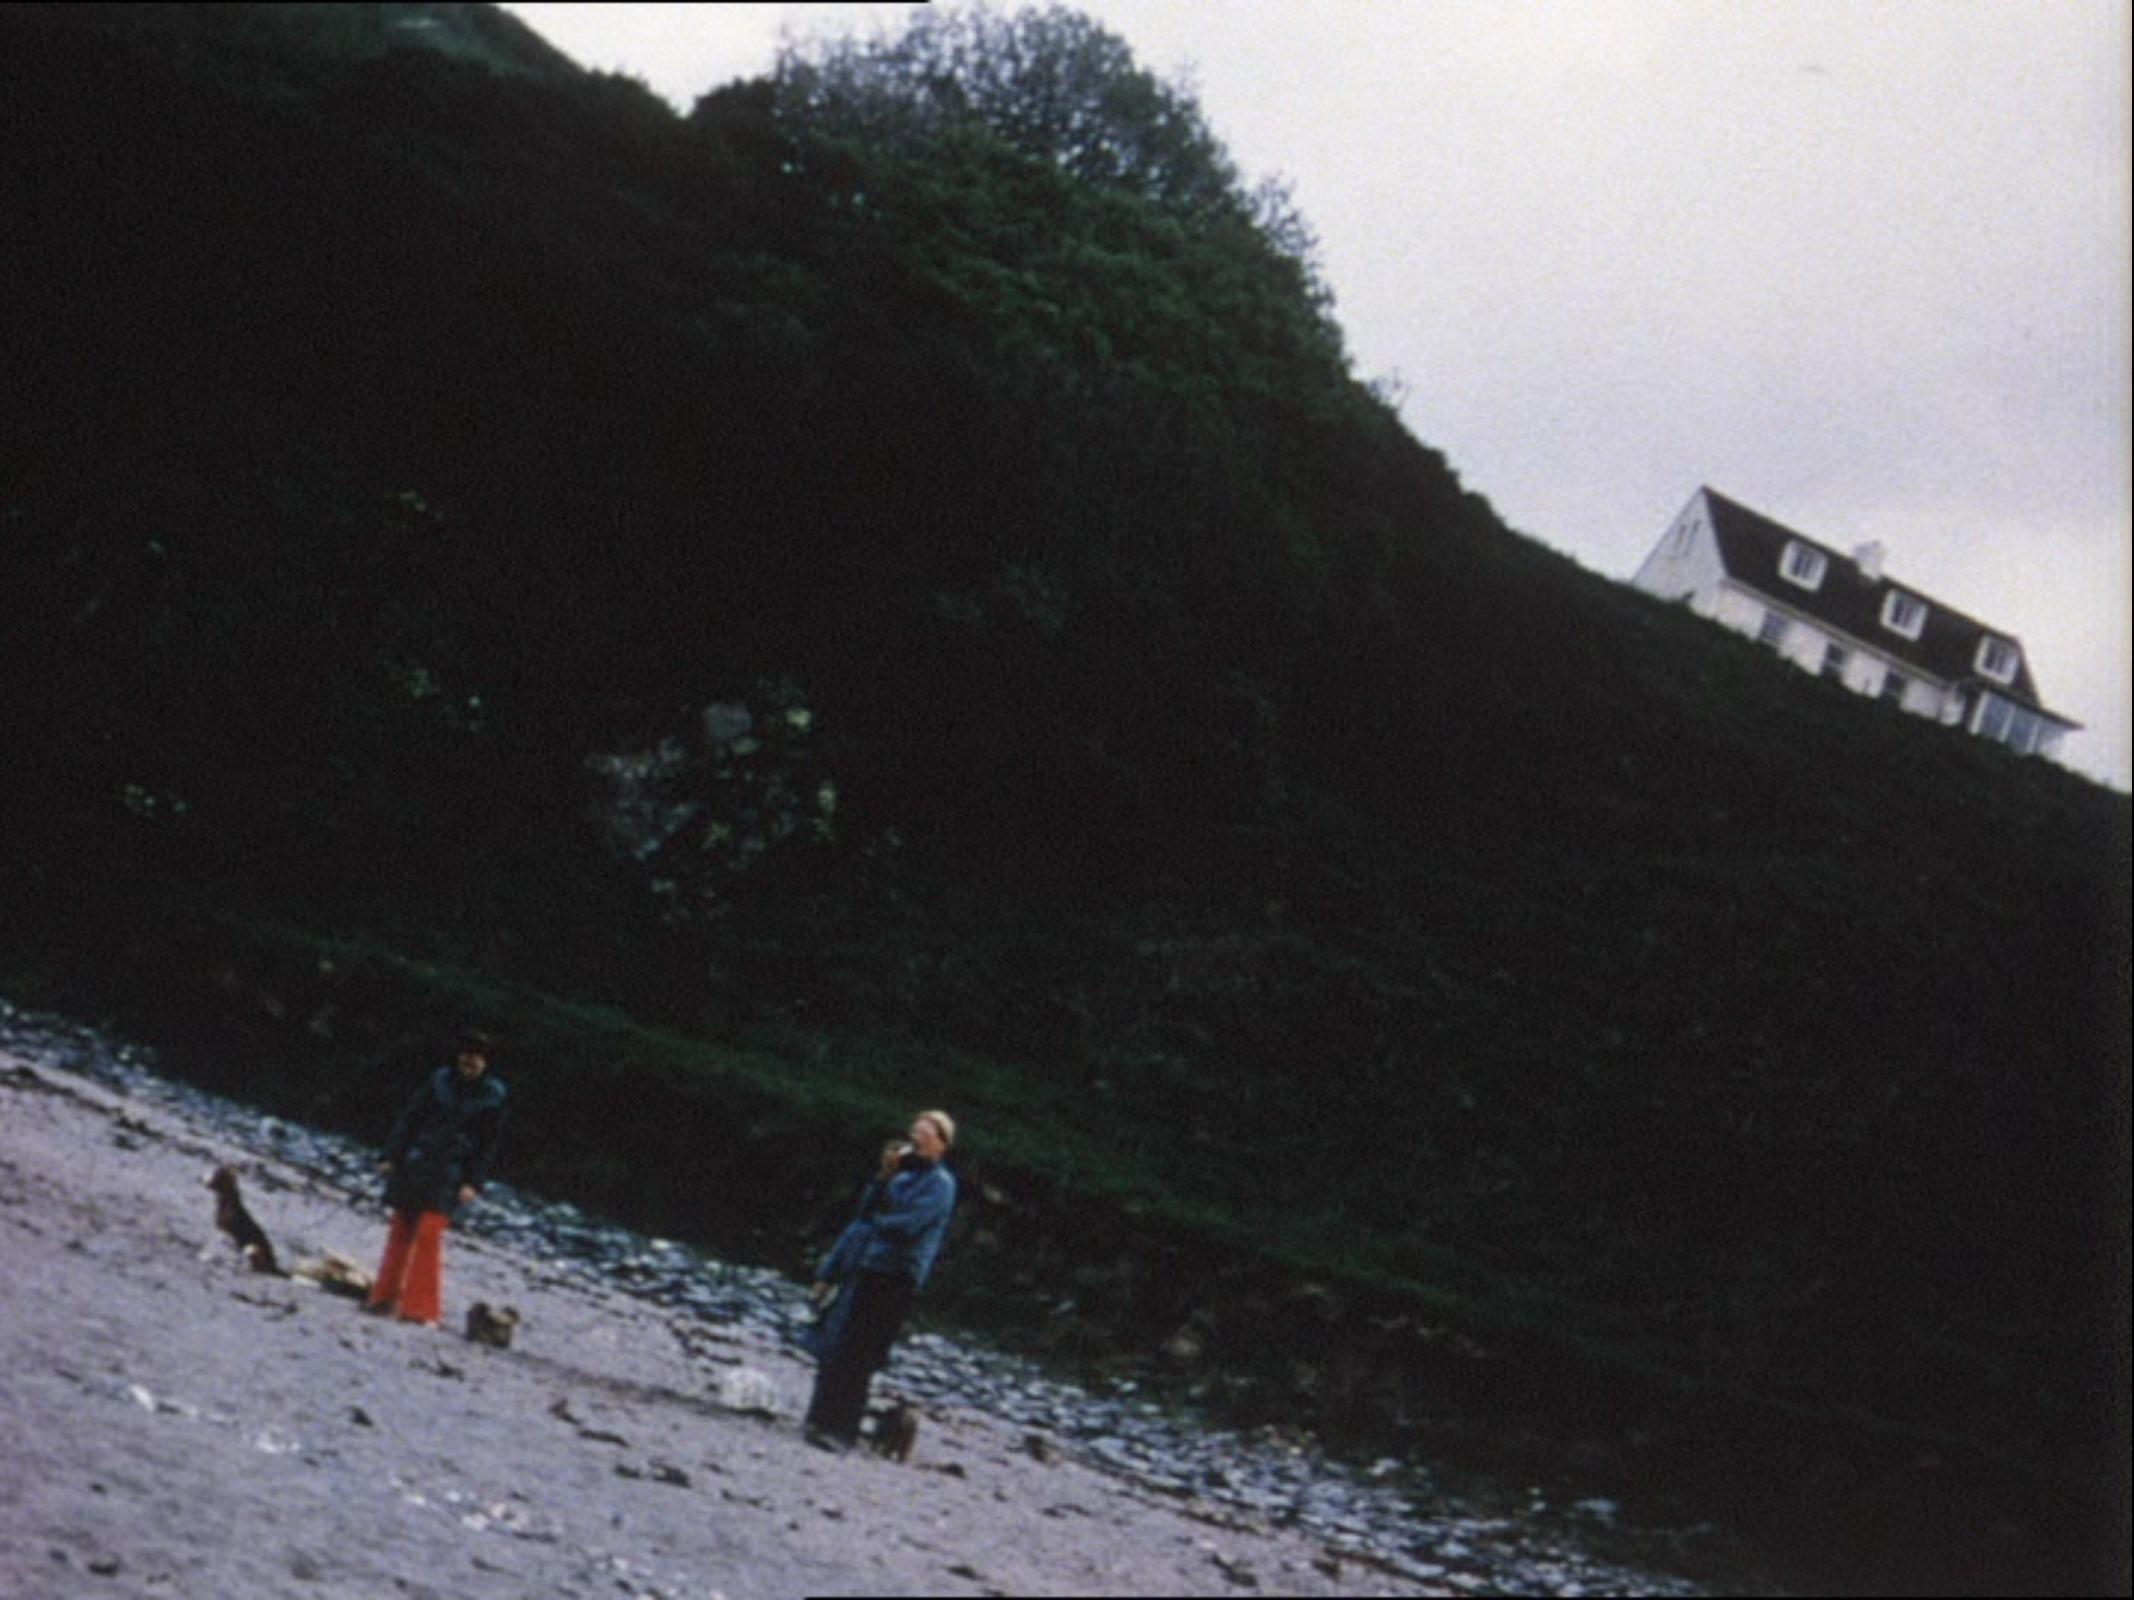 FFOREST BAY II